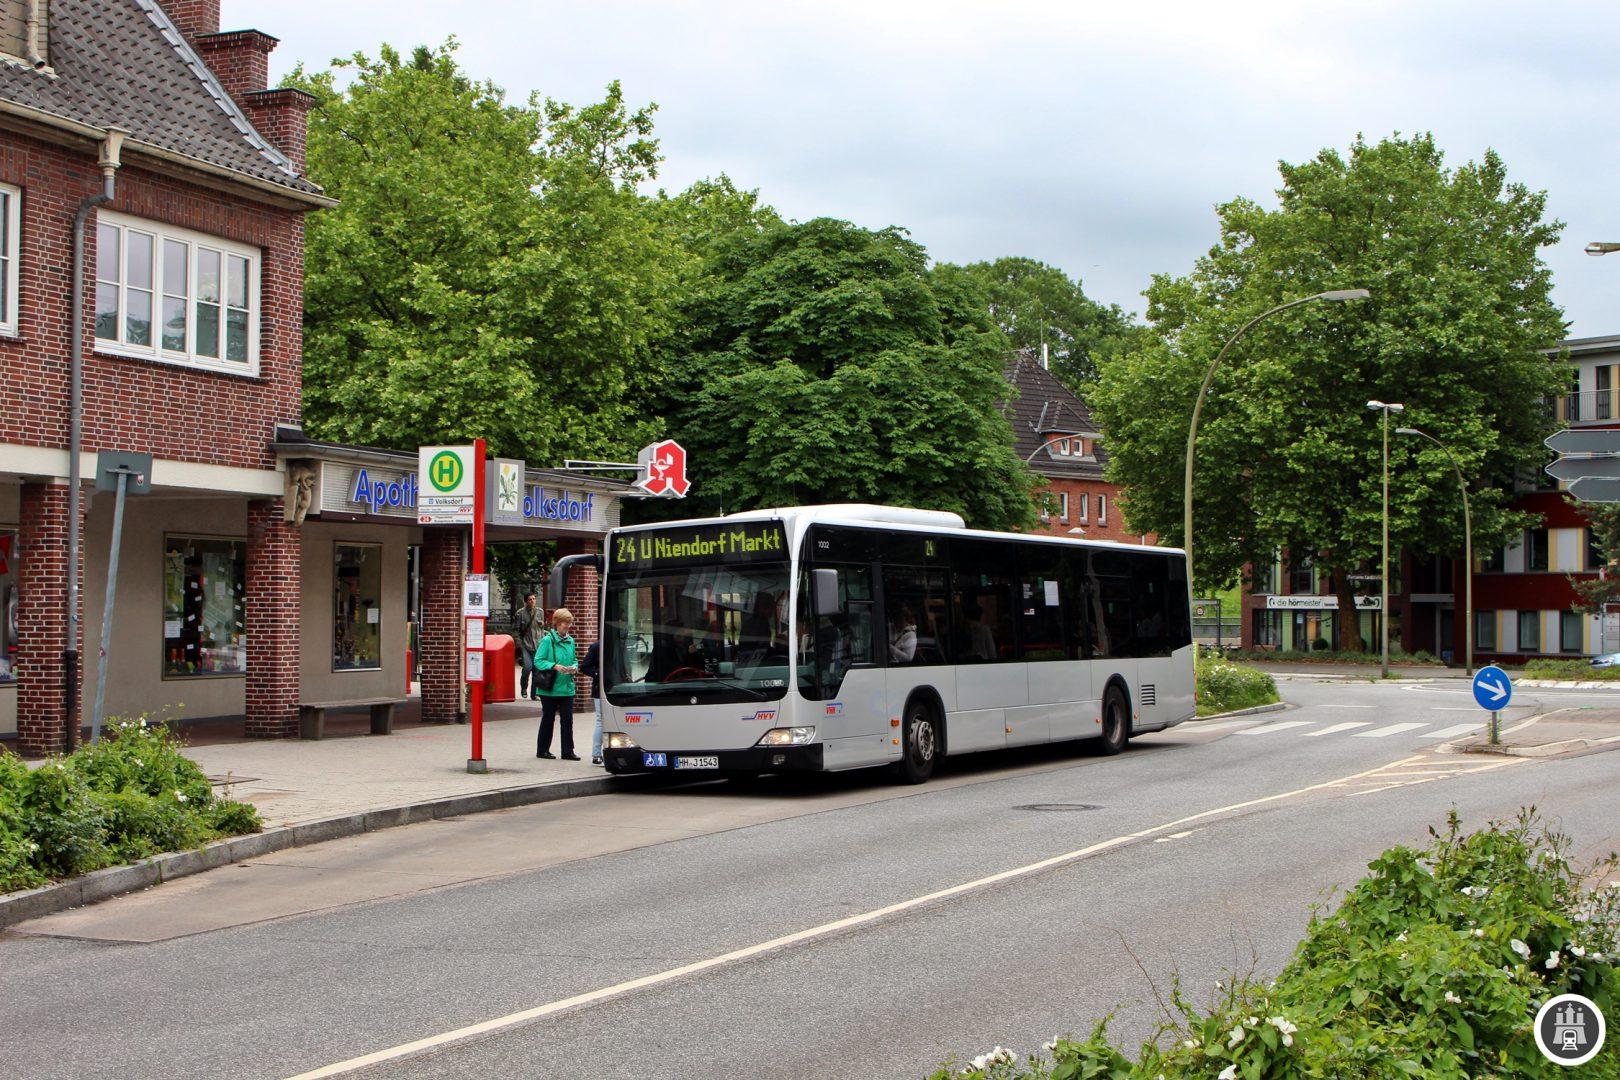 Der Name Volksdorf ist auf den Dorfgründer Volkward zurückzuführen. Bereits in der Steinzeit war das Gebiet besiedelt. Volksdorf wurde 1296 erstmals erwähnt und ging 1437 von Stormarn zur Stadt Hamburg über. Heute ist es eine der wohlhabensten Stadtteile Hamburgs. Der Kaufmann Heinrich Ohlendorff trieb den Bau der elektrischen Kleinbahn von Altrahlstedt über Volksdorf nach Ohlstedt voran, die 1904 ihren Betrieb aufnahm. Seit 1920 halten hier auch die Züge der Walddöferbahn auf der damaligen Fahrt von Barmbeck nach Groß-Hansdorf.